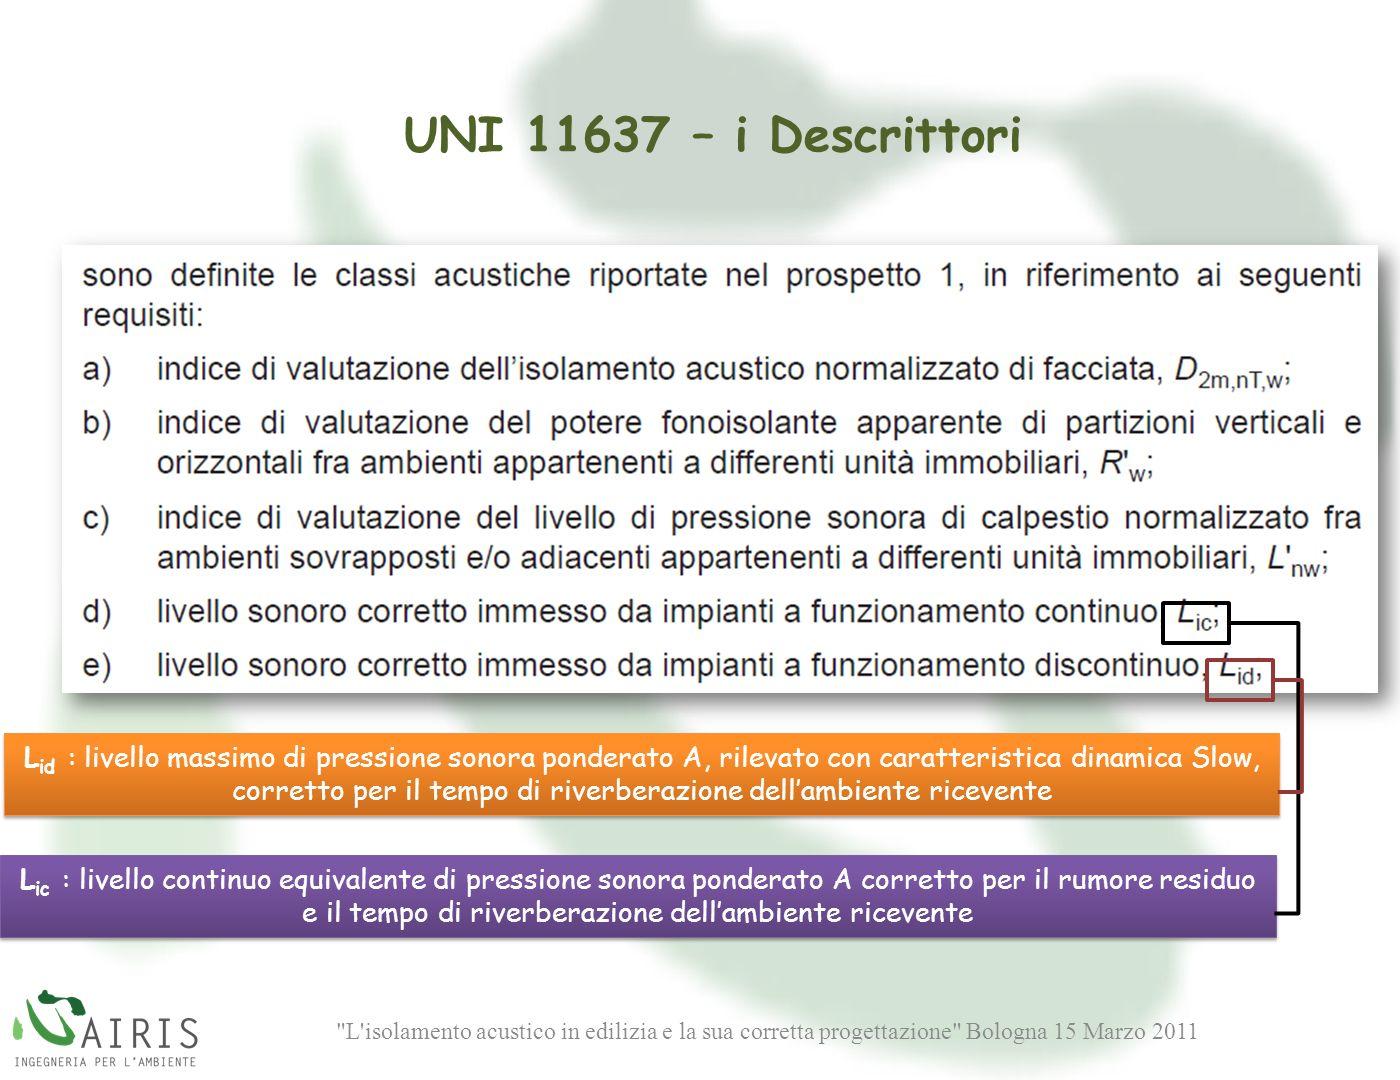 UNI 11637 – i Descrittori Lid : livello massimo di pressione sonora ponderato A, rilevato con caratteristica dinamica Slow,